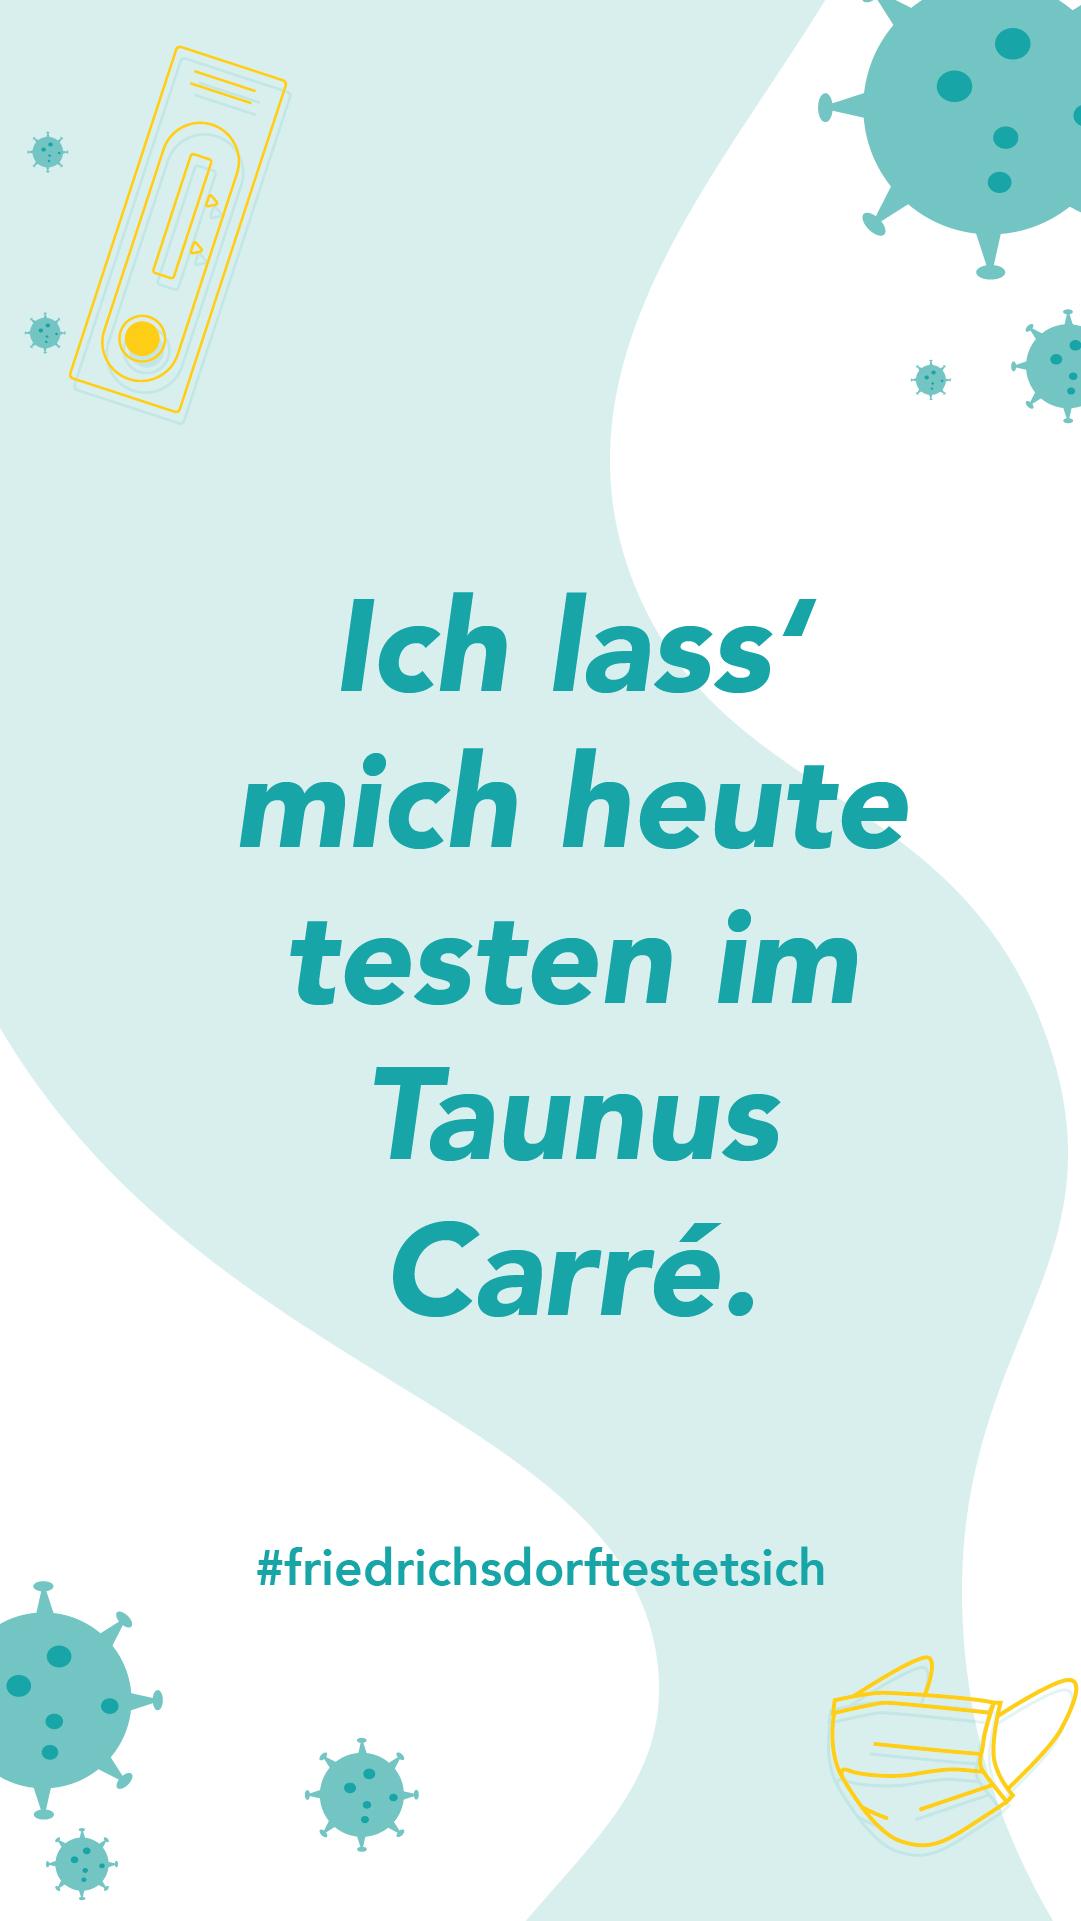 ich-lass-mich-heute-testen-im-taunus-carre